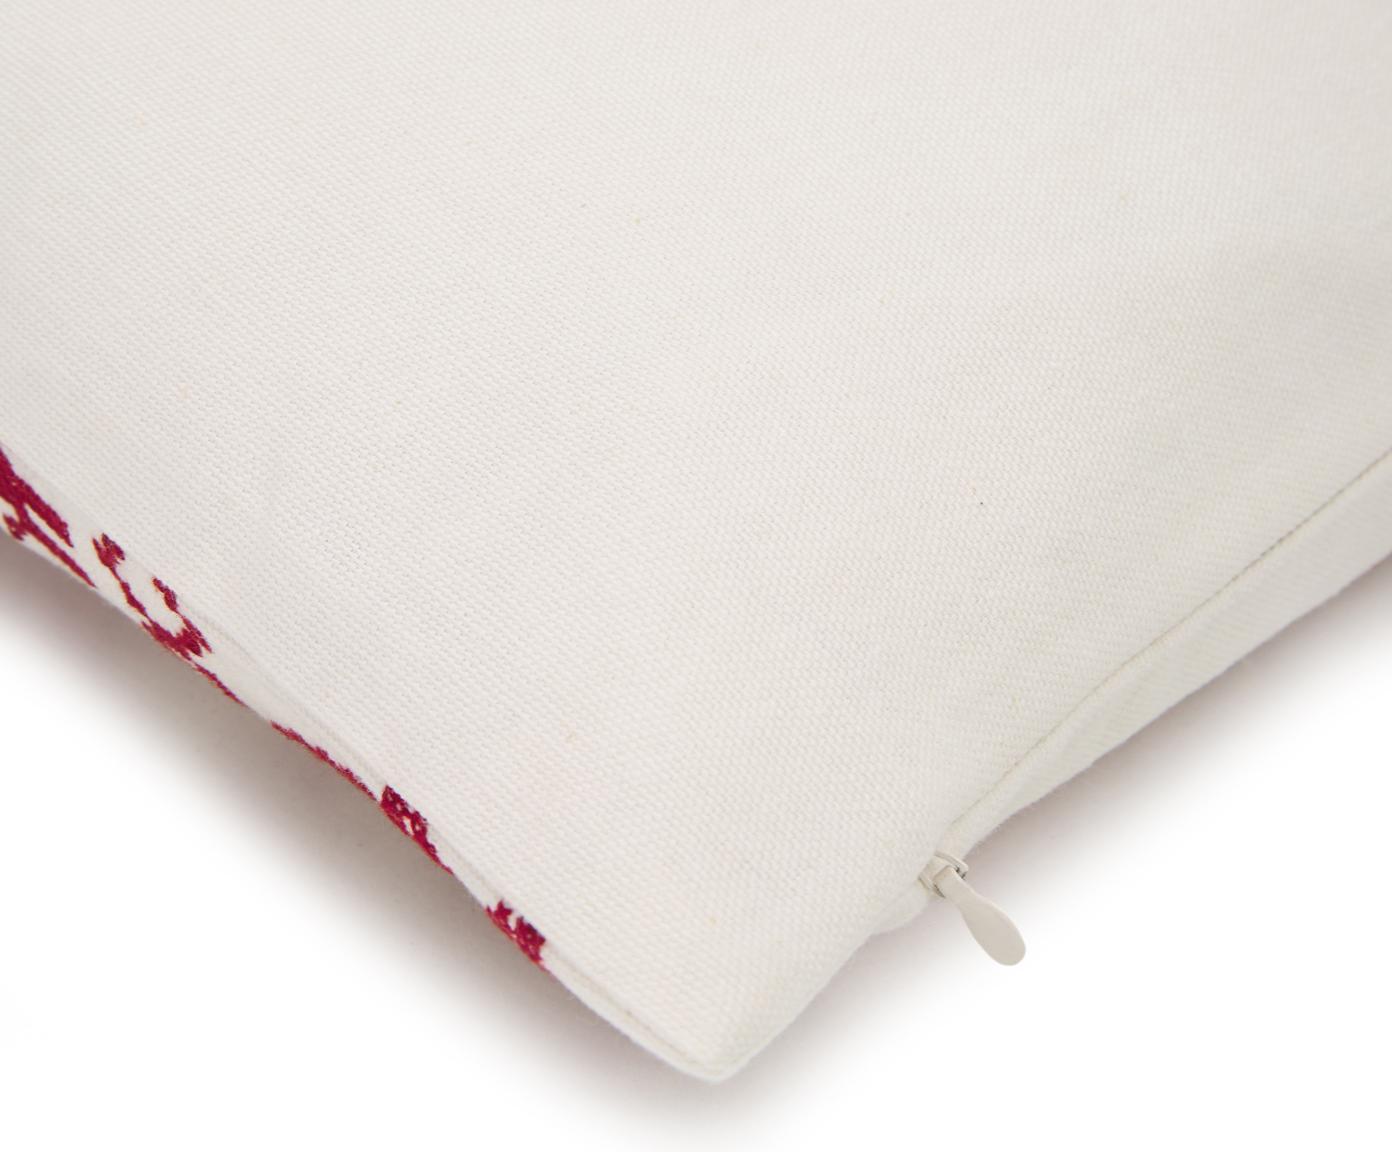 Funda de cojín bordada Orkney, 100%algodón, Rojo, blanco crema, An 45 x L 45 cm